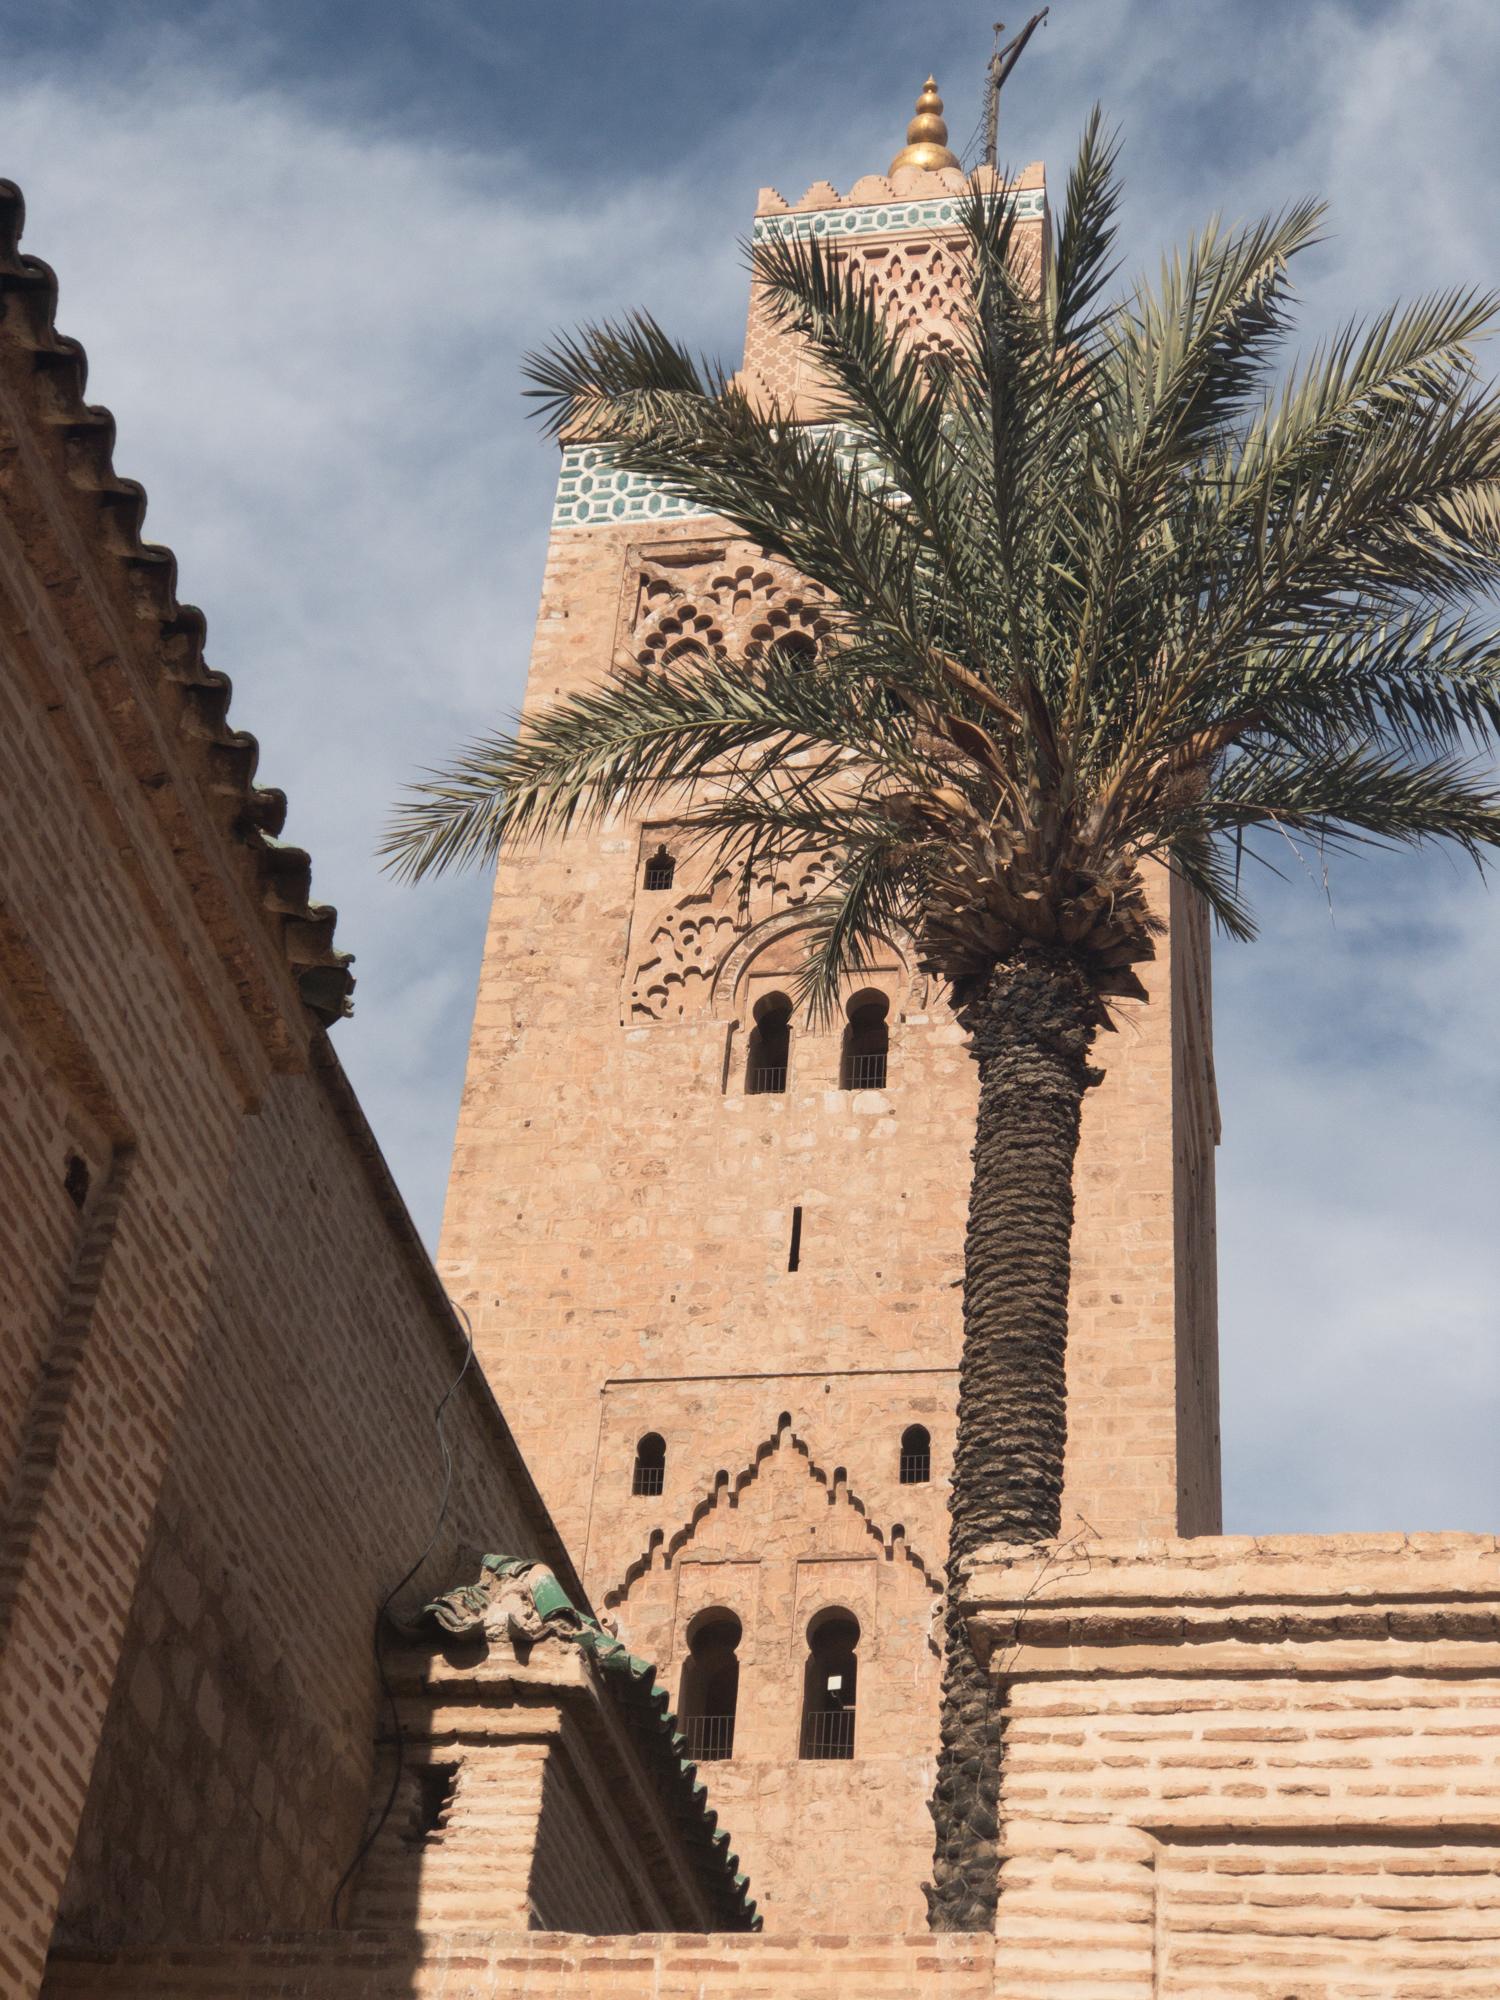 Marrakech_iPhone8+_Photos - Blog_Photos-13.jpg